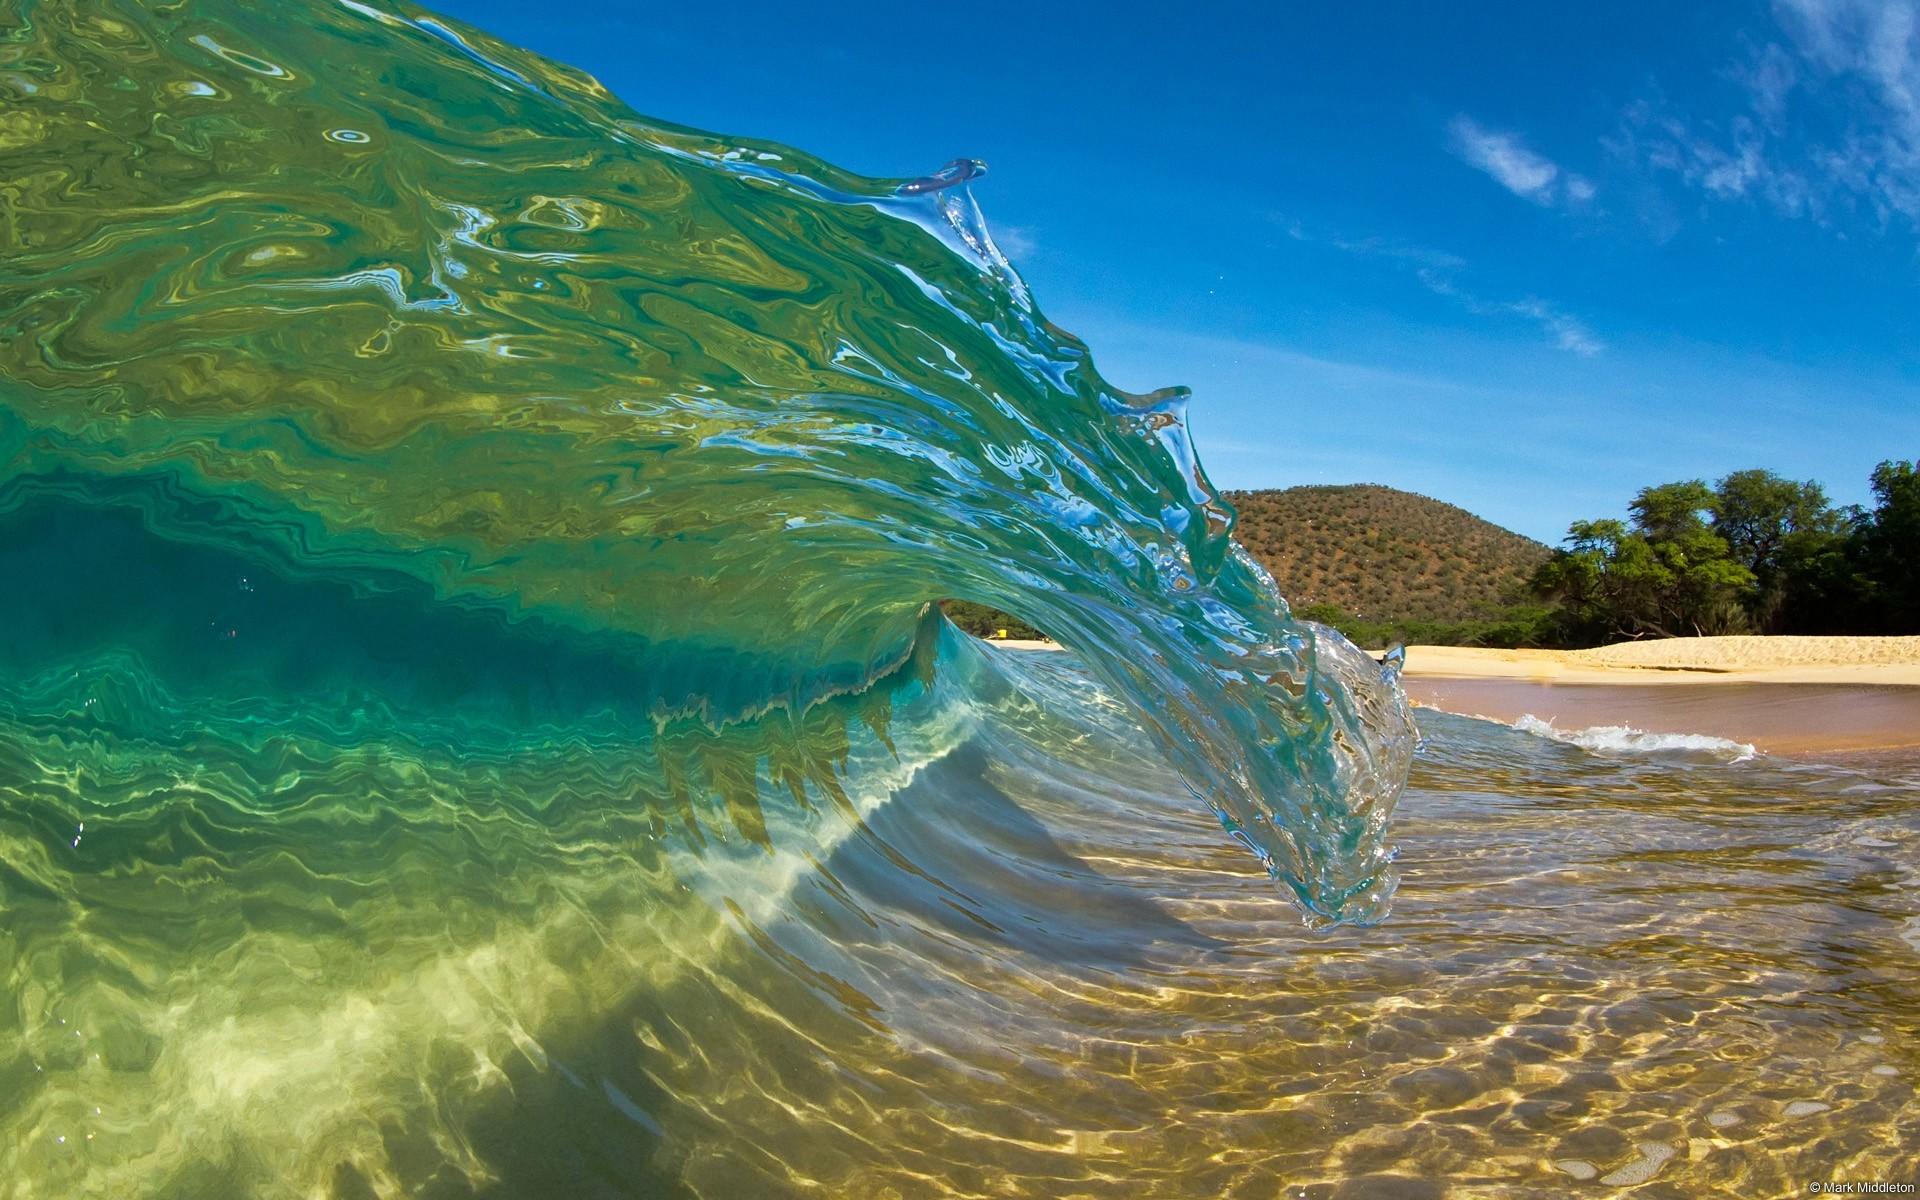 Hawaii Beach Wallpaper: Hawaii Beach Waves Desktop Background Hd Wallpaper  City Forkyu 1920x1200px